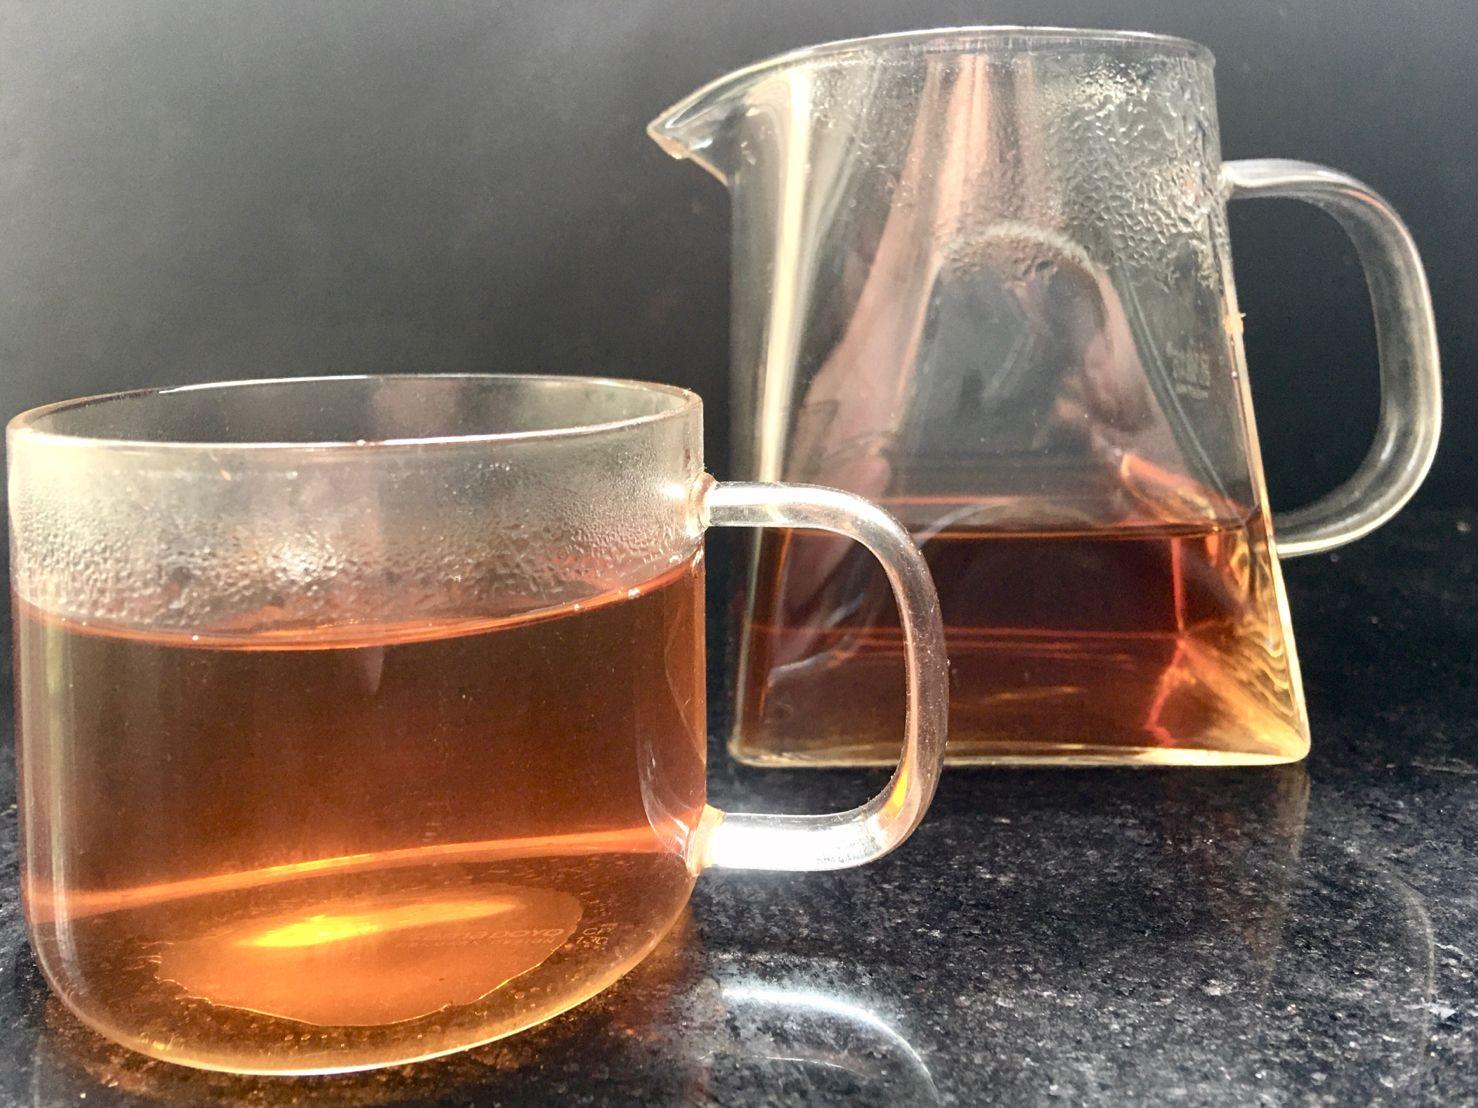 Yán Shàng Wǔ Yí Yán Chá (Dà Hóng Páo), 岩上武夷岩茶(大红袍), Yanshang Wuyi Rock Tea (Big Red Robe)